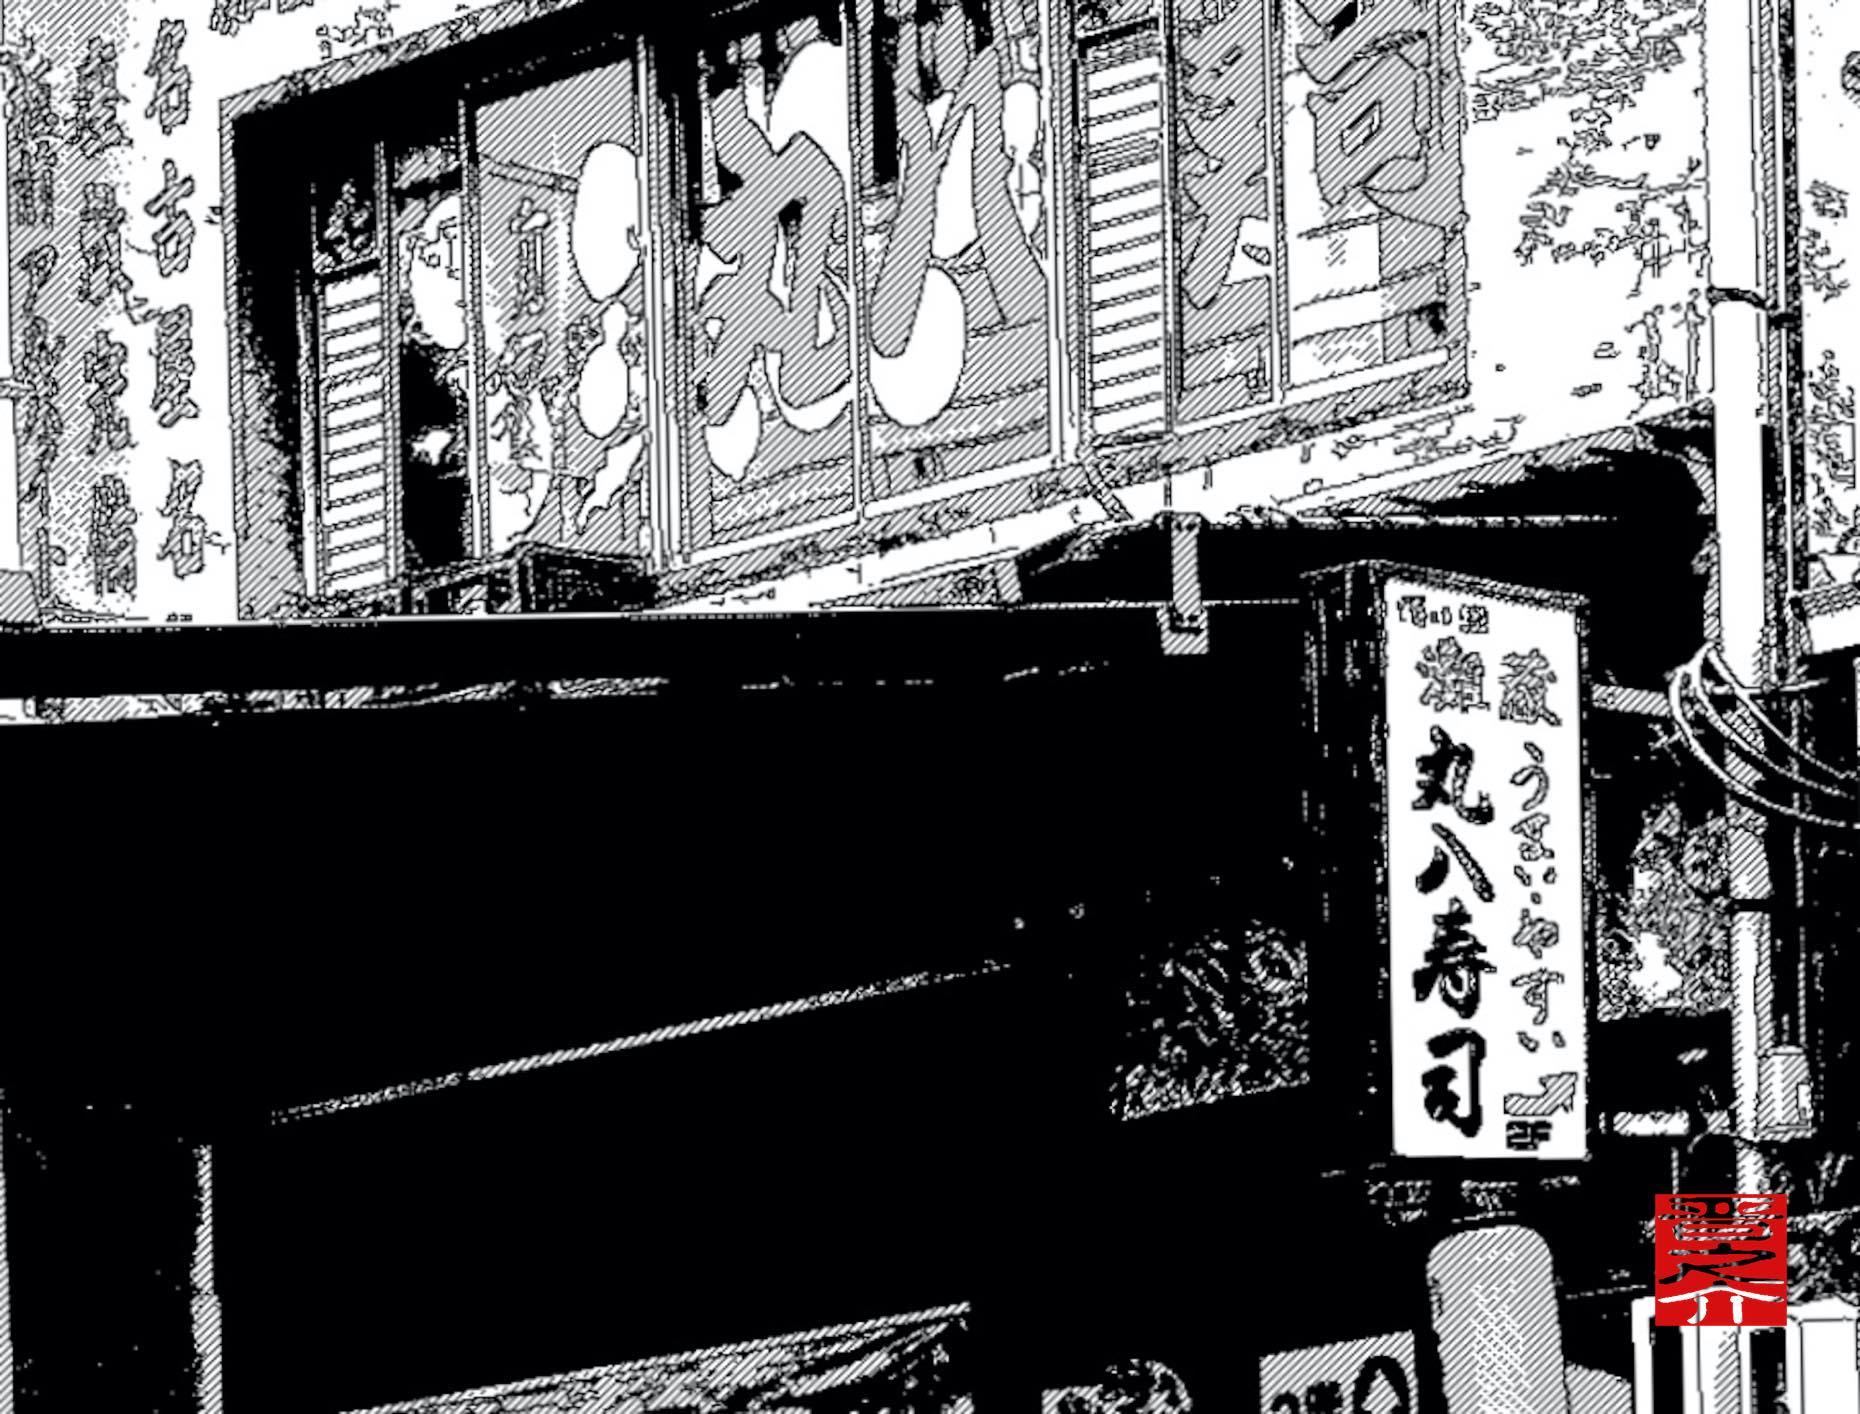 名古屋駅から徒歩5分!「柳橋中央市場」そばの丸八寿司さんは「朝」も「昼」も「夜」も!安価で旨い魚と旨い酒を楽しめる!